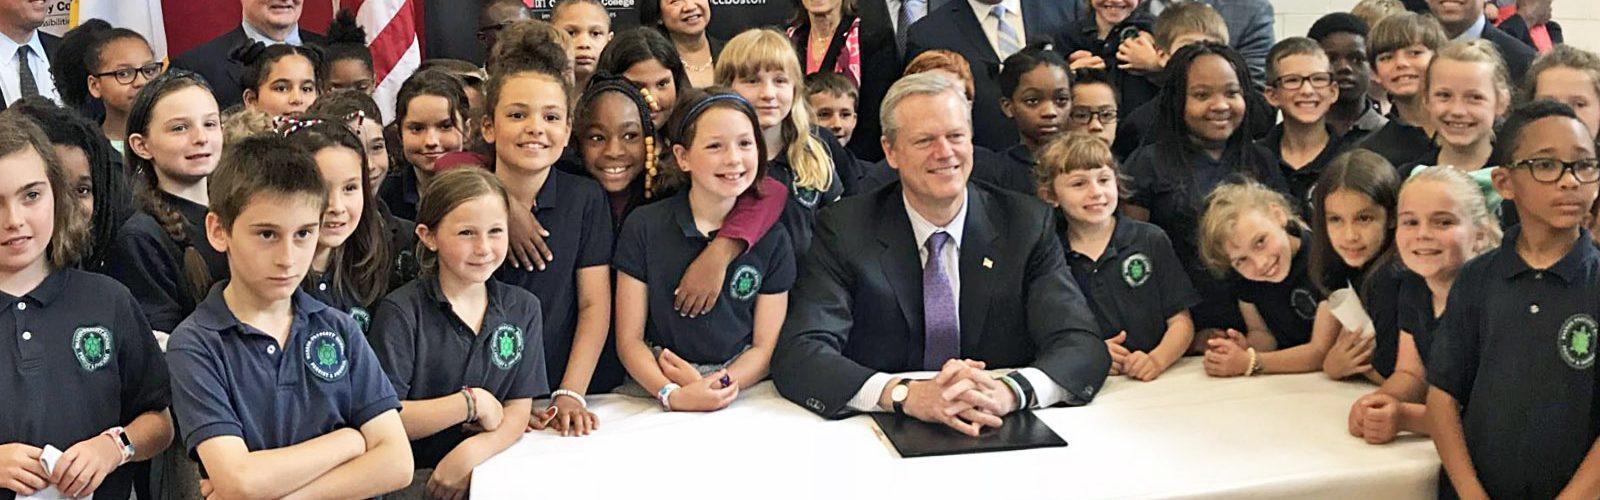 The city is a classroom for Warren-Prescott students